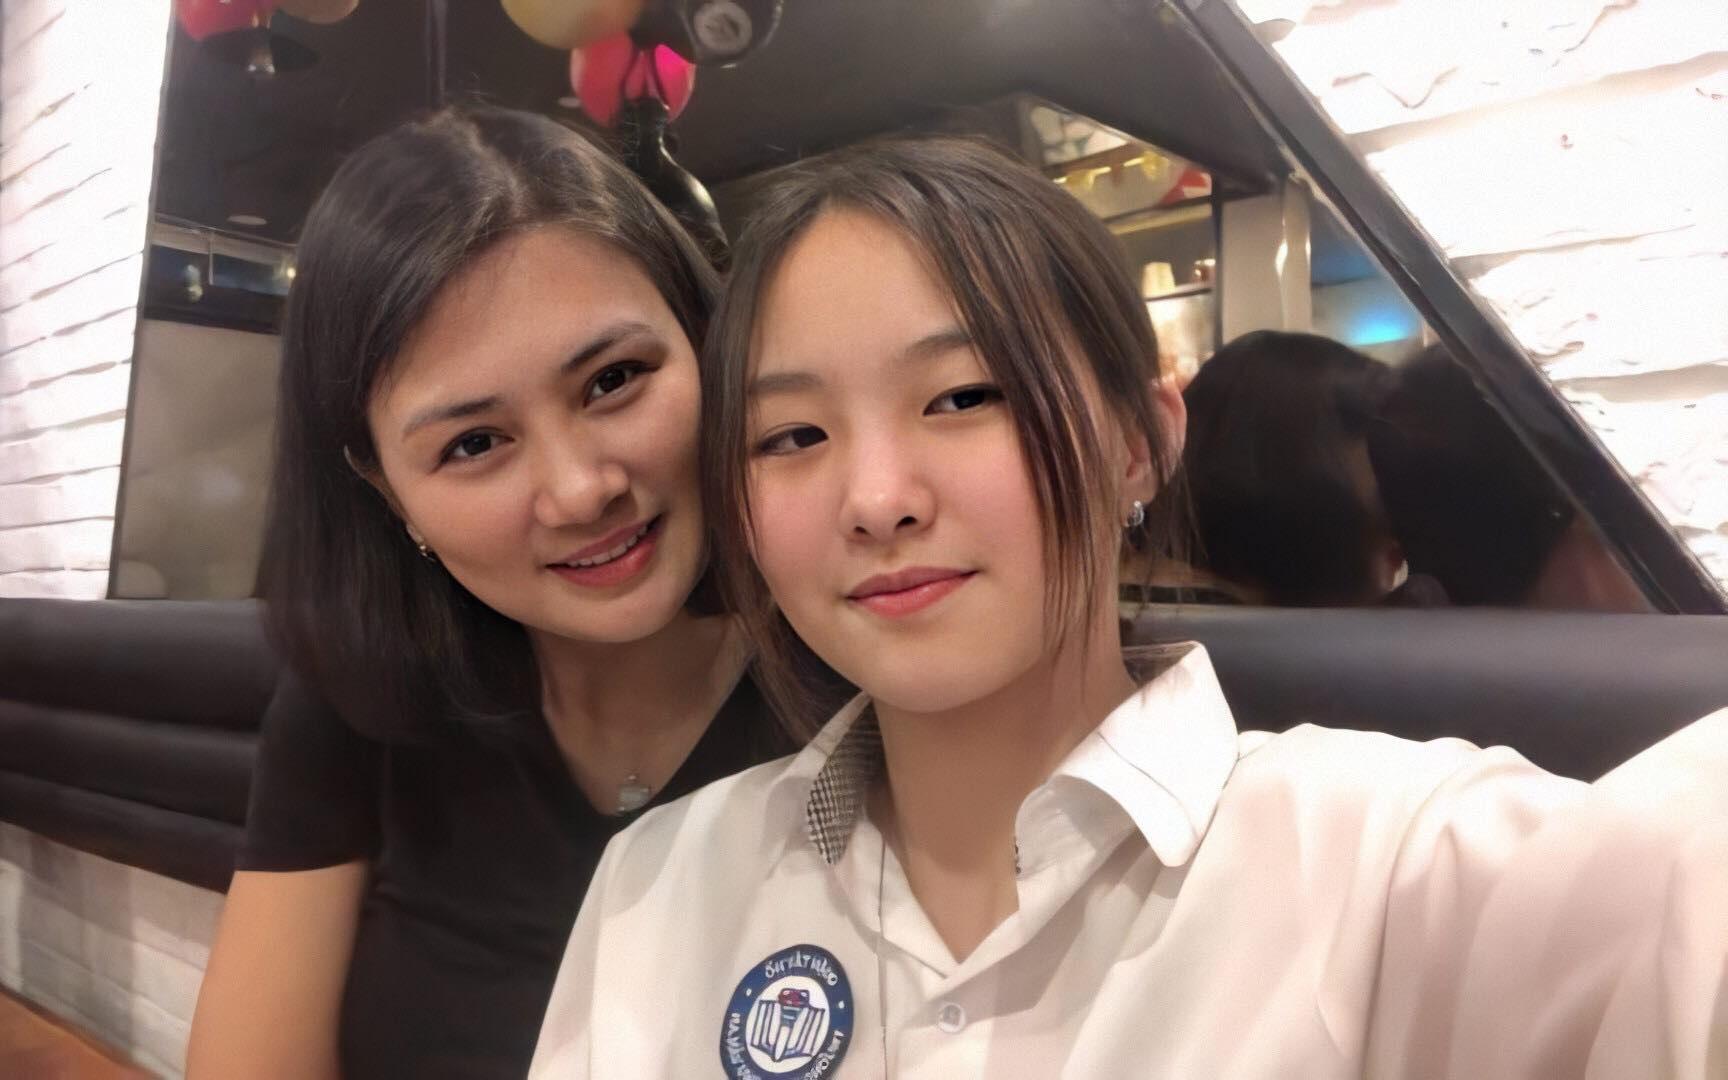 """Con gái của """"Hoa khôi bóng chuyền"""" Kim Huệ: Xinh xắn chẳng thua kém mẹ, đã vậy còn học cực giỏi và cá tính như này"""